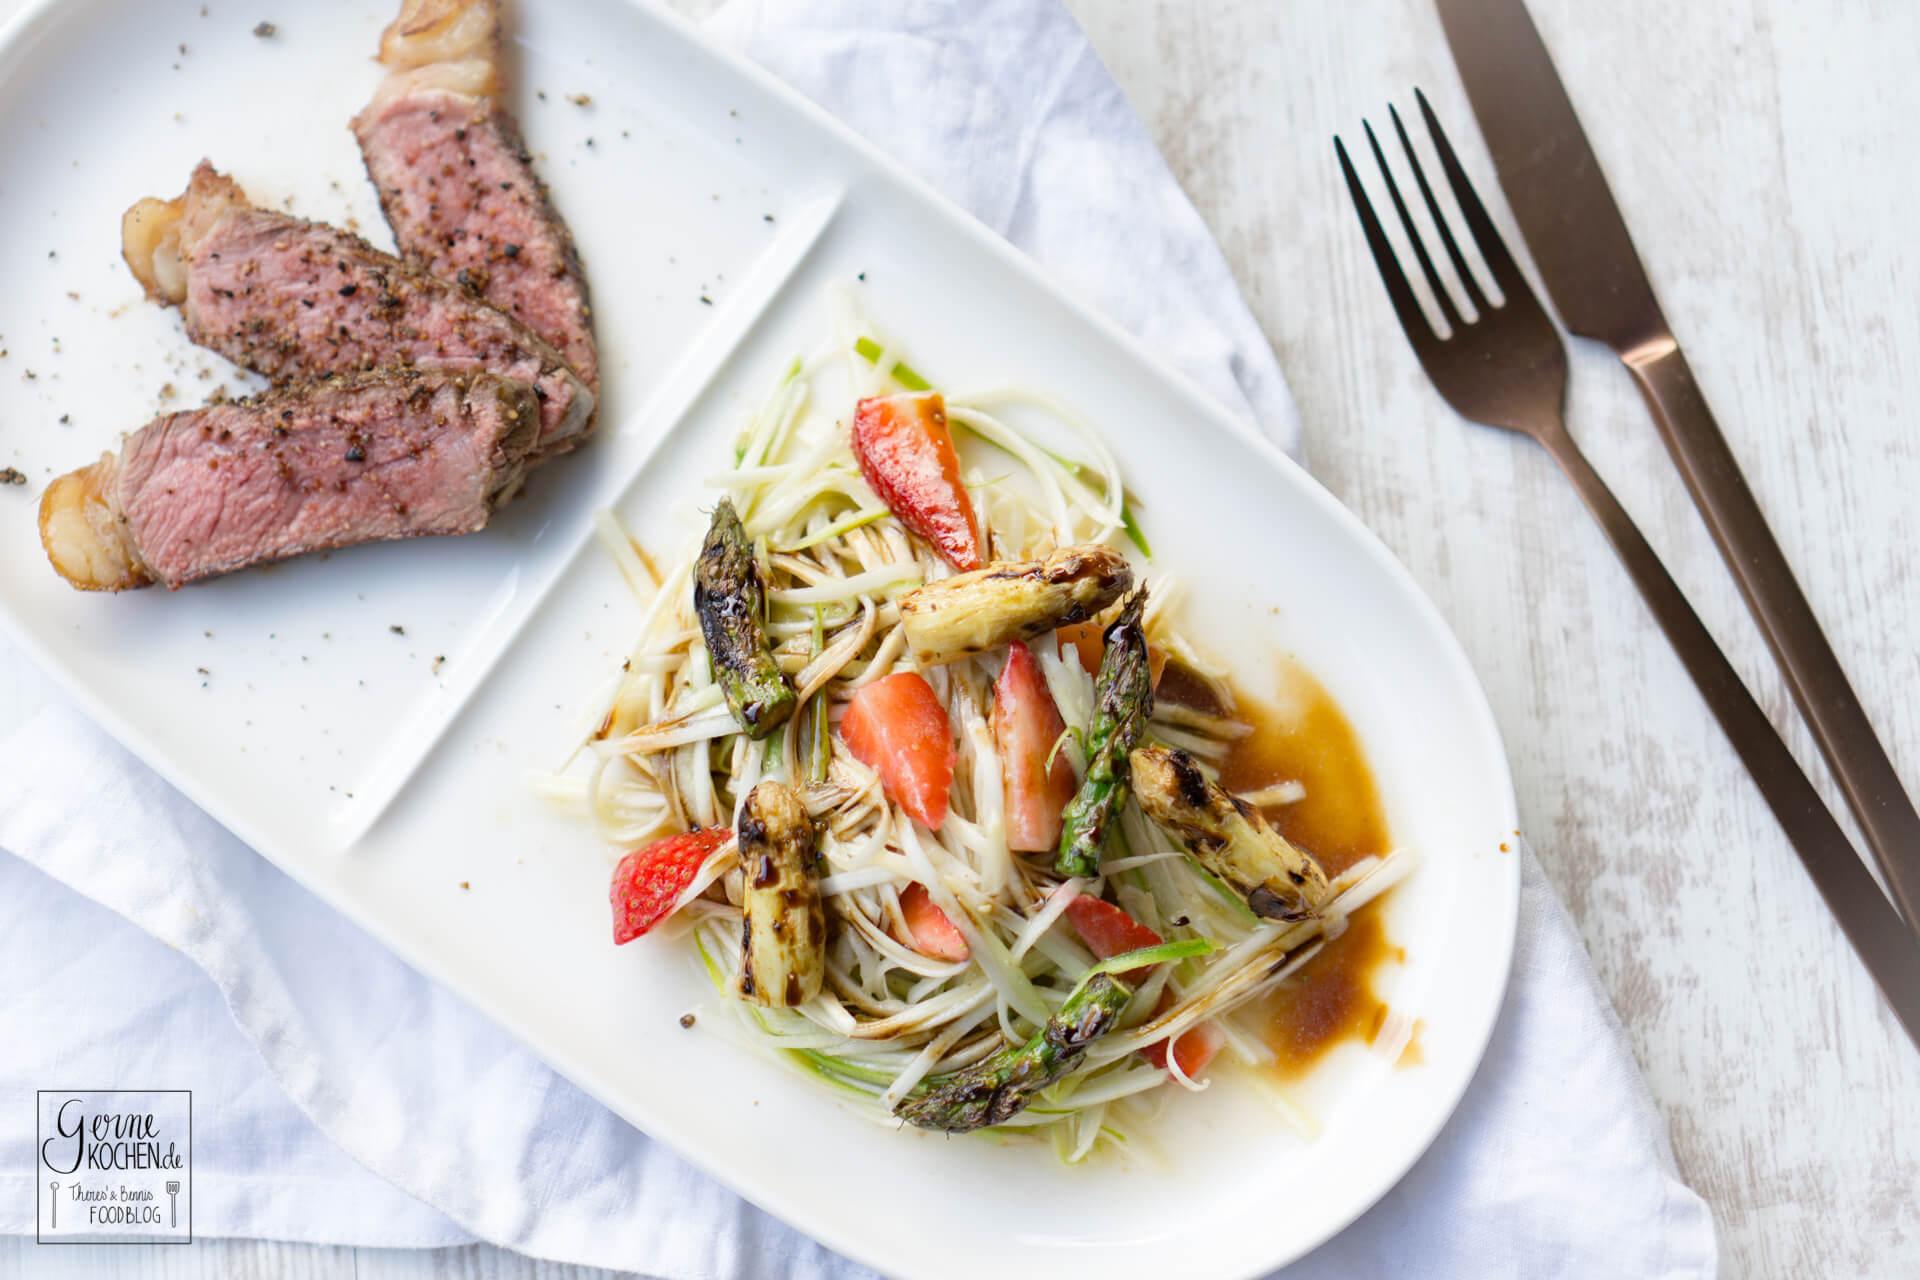 Spargelsalat mit Erdbeeren, gegrillten Spargelköpfen und Dry Aged Striploin Steaks